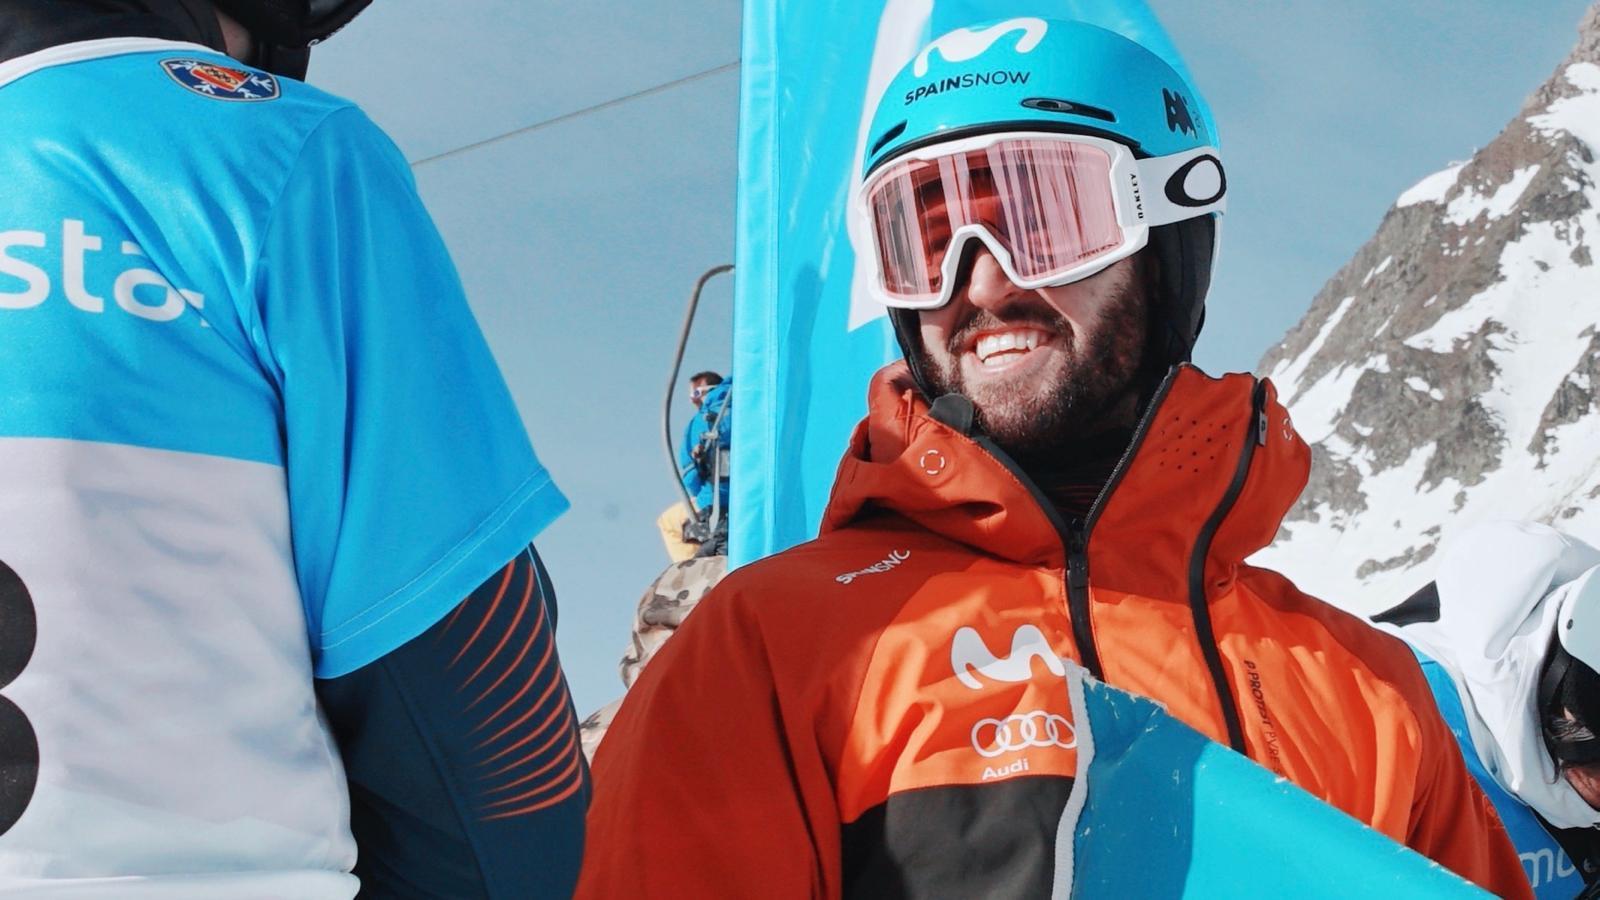 Lucas Eguibar